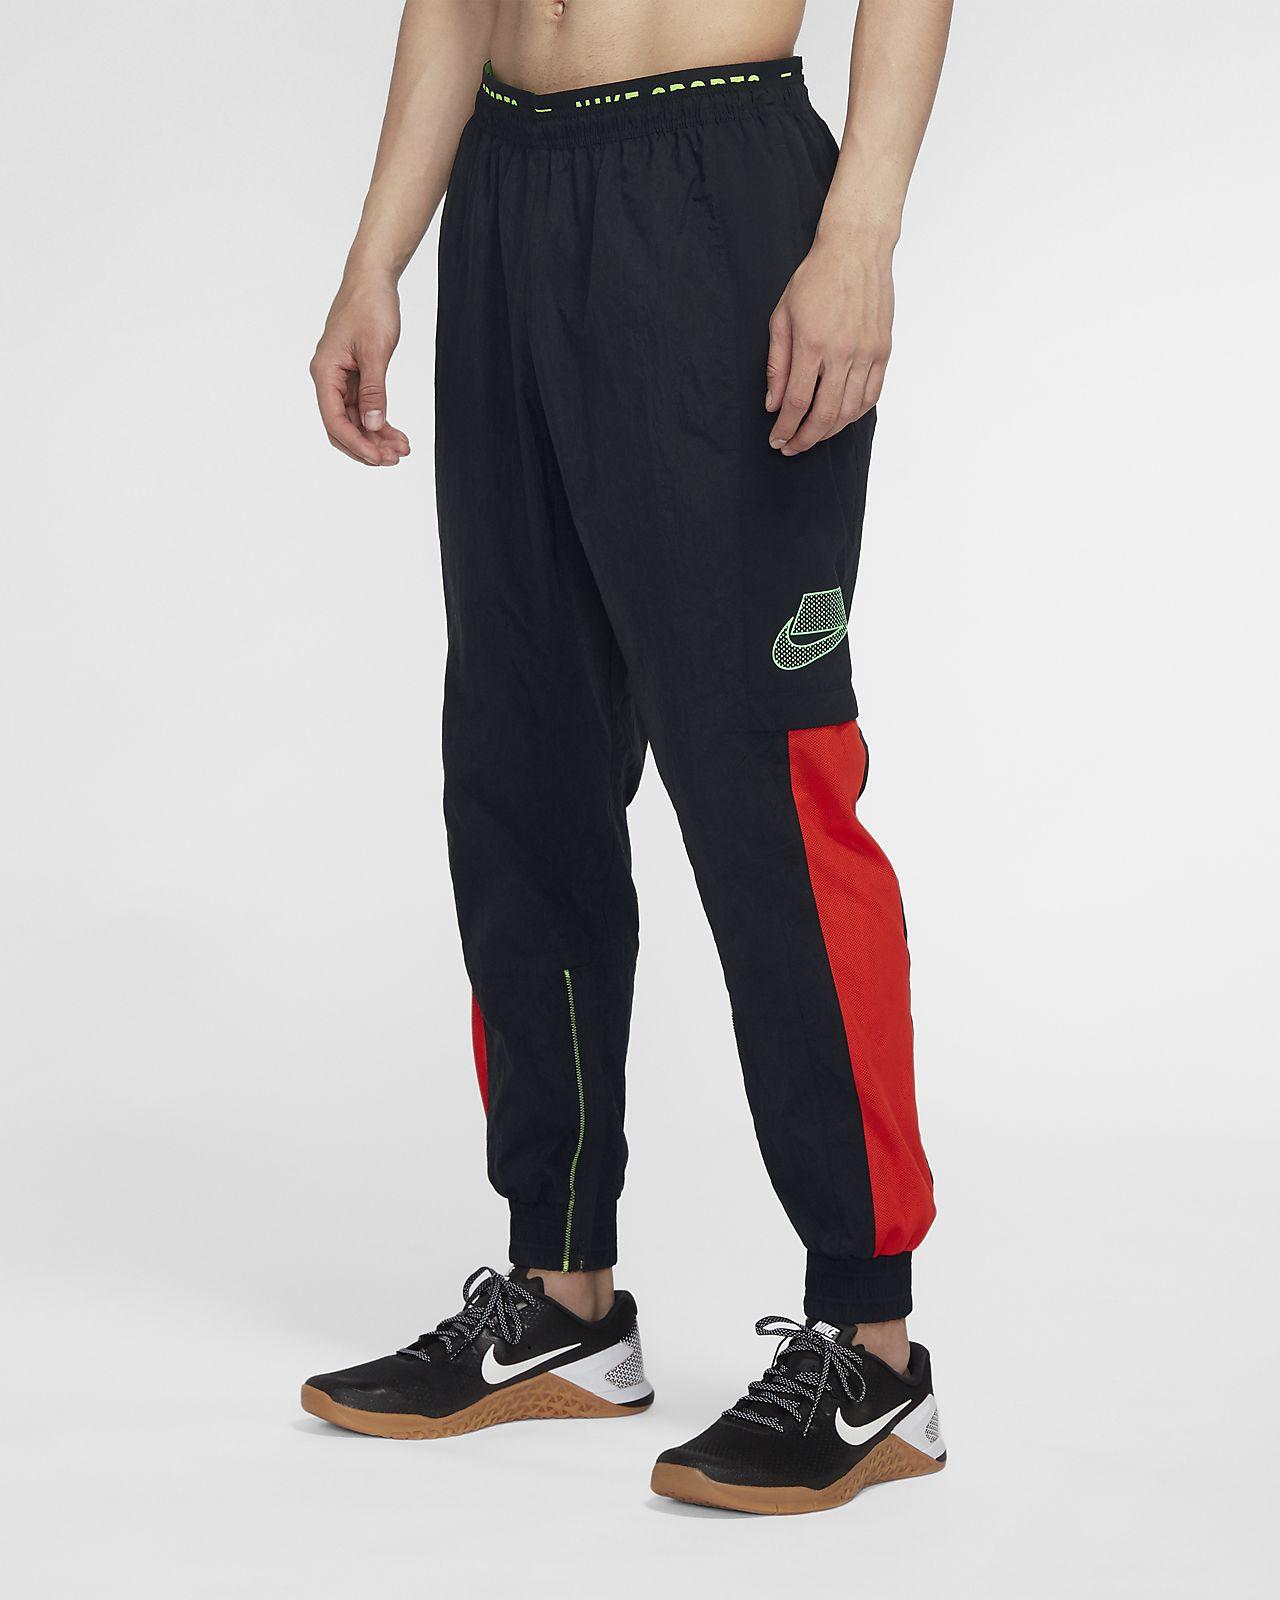 กางเกงเทรนนิ่งผู้ชาย Nike Dri-FIT Flex